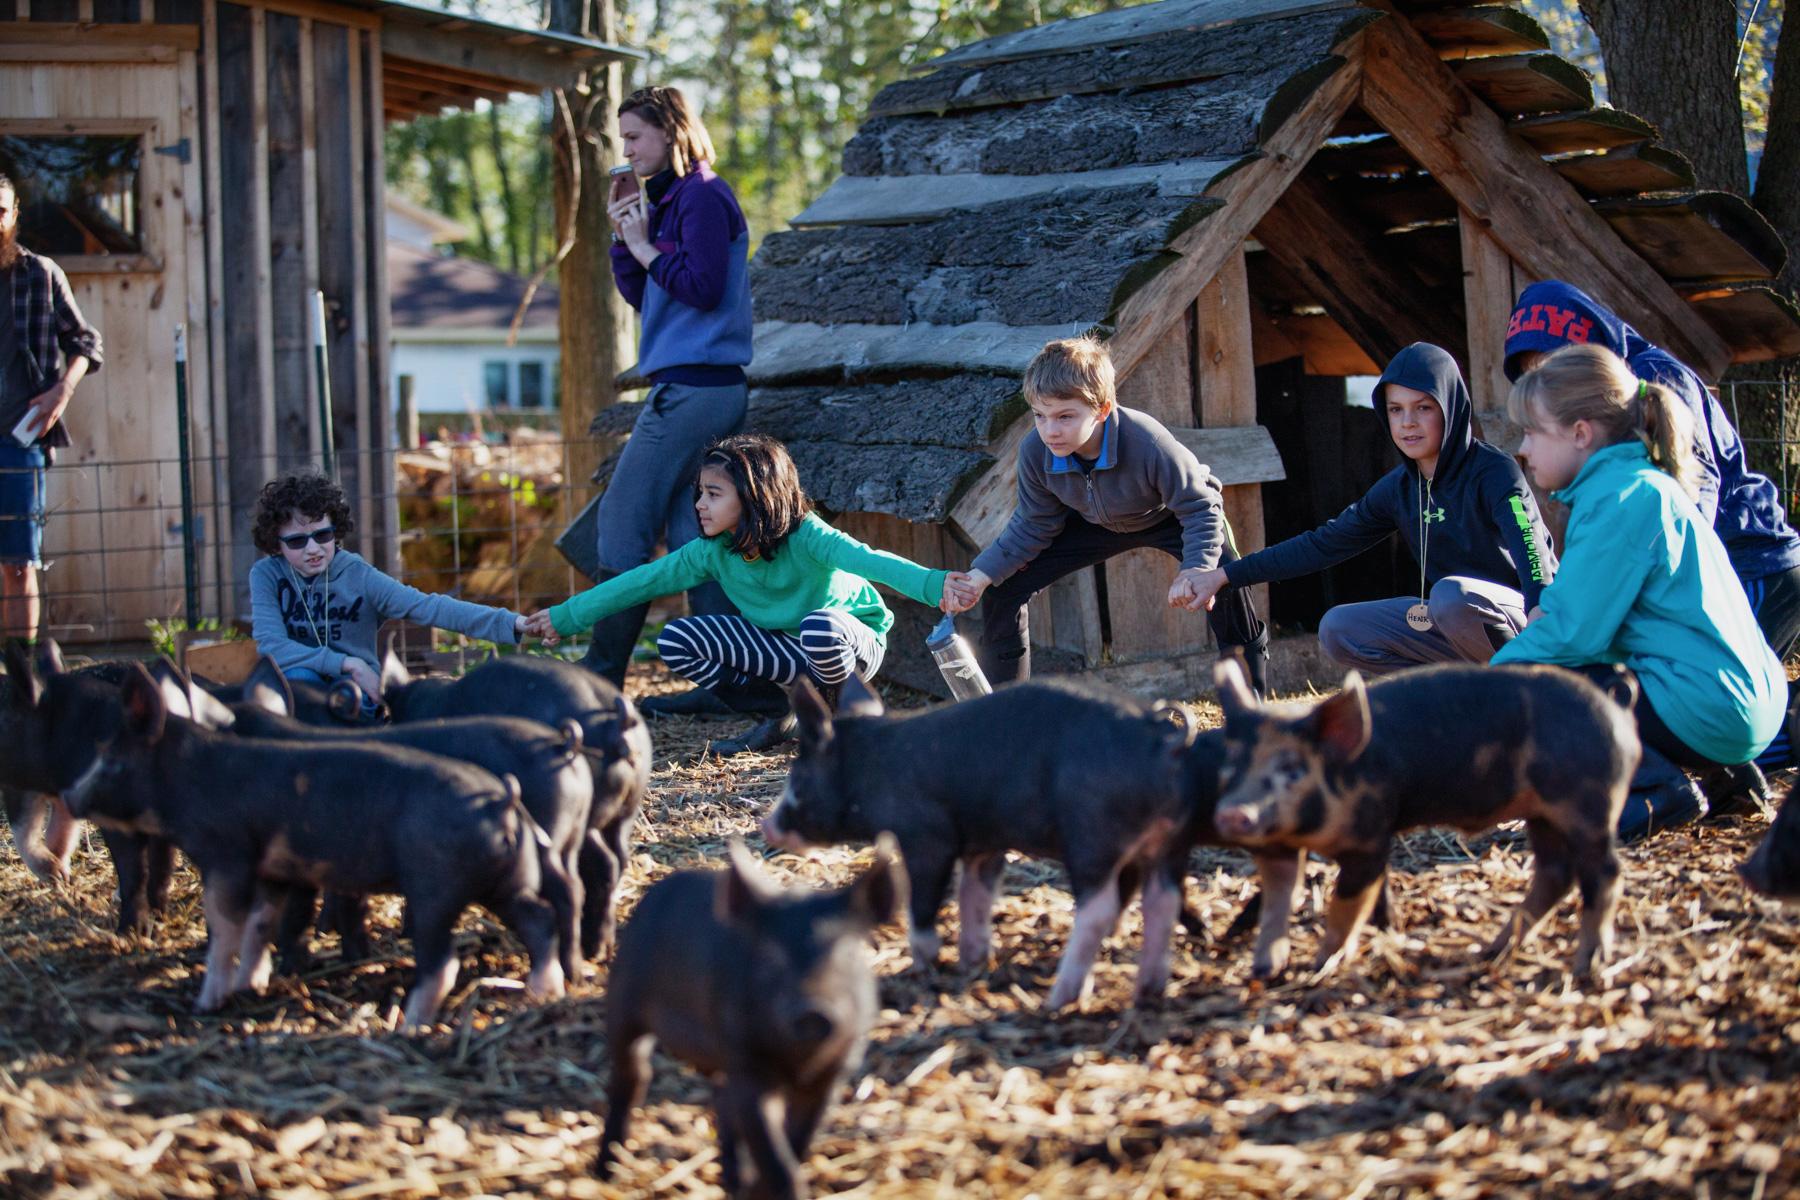 piglet-kids-farm-1.jpg